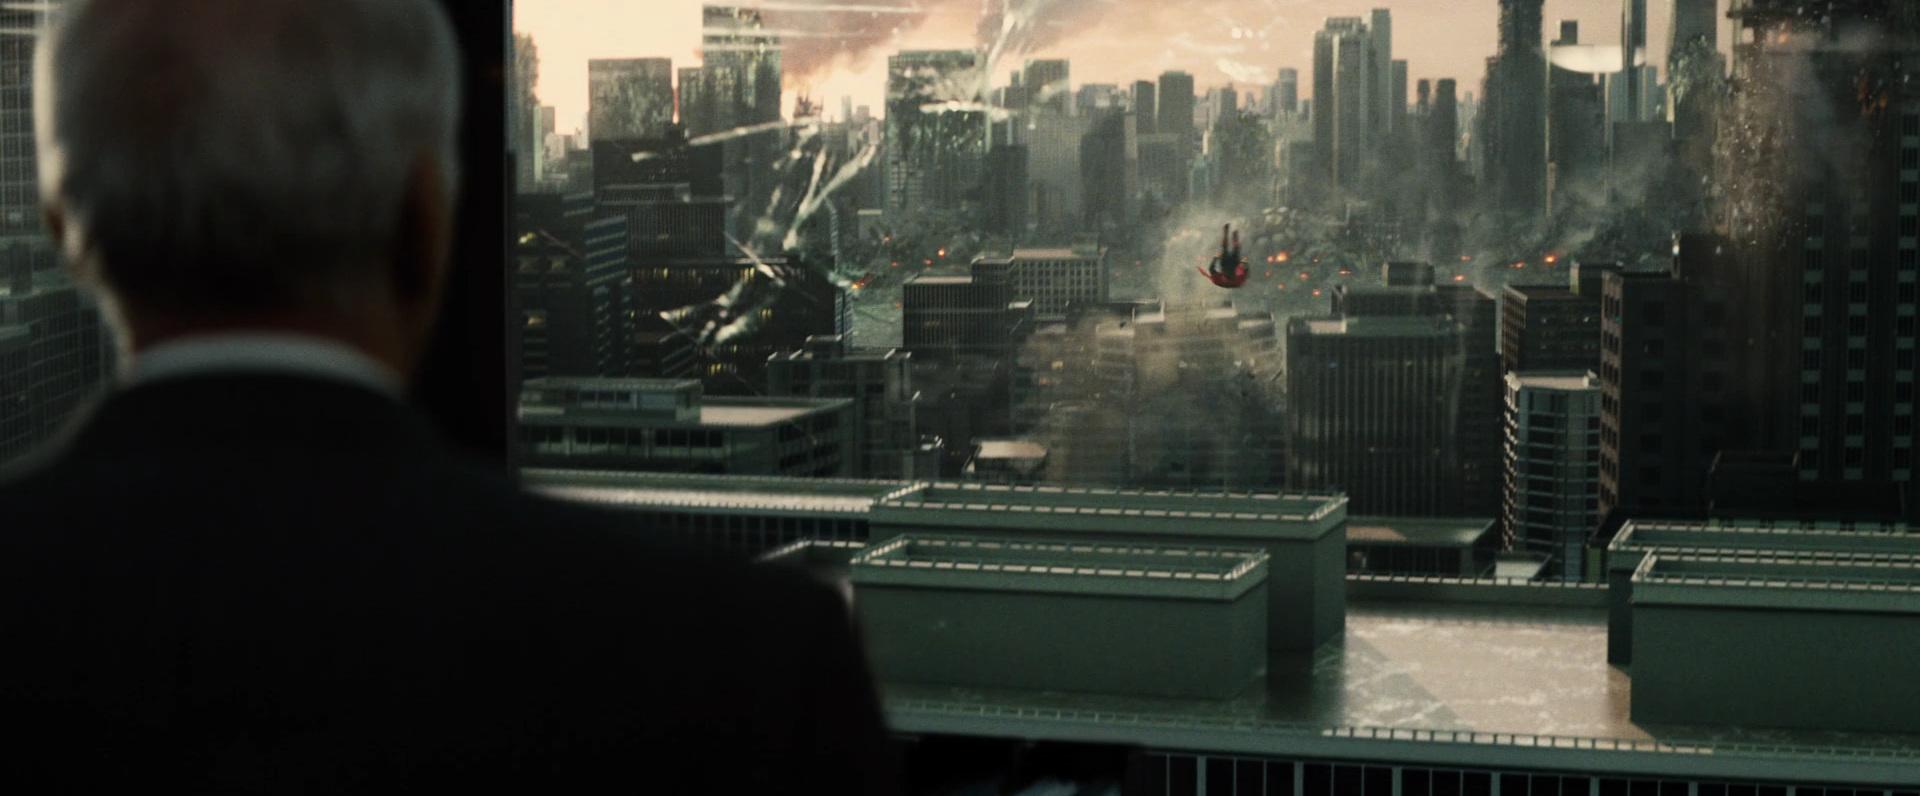 Batman v Superman: Dawn of Justice  (dir. Zack Snyder, 2016)